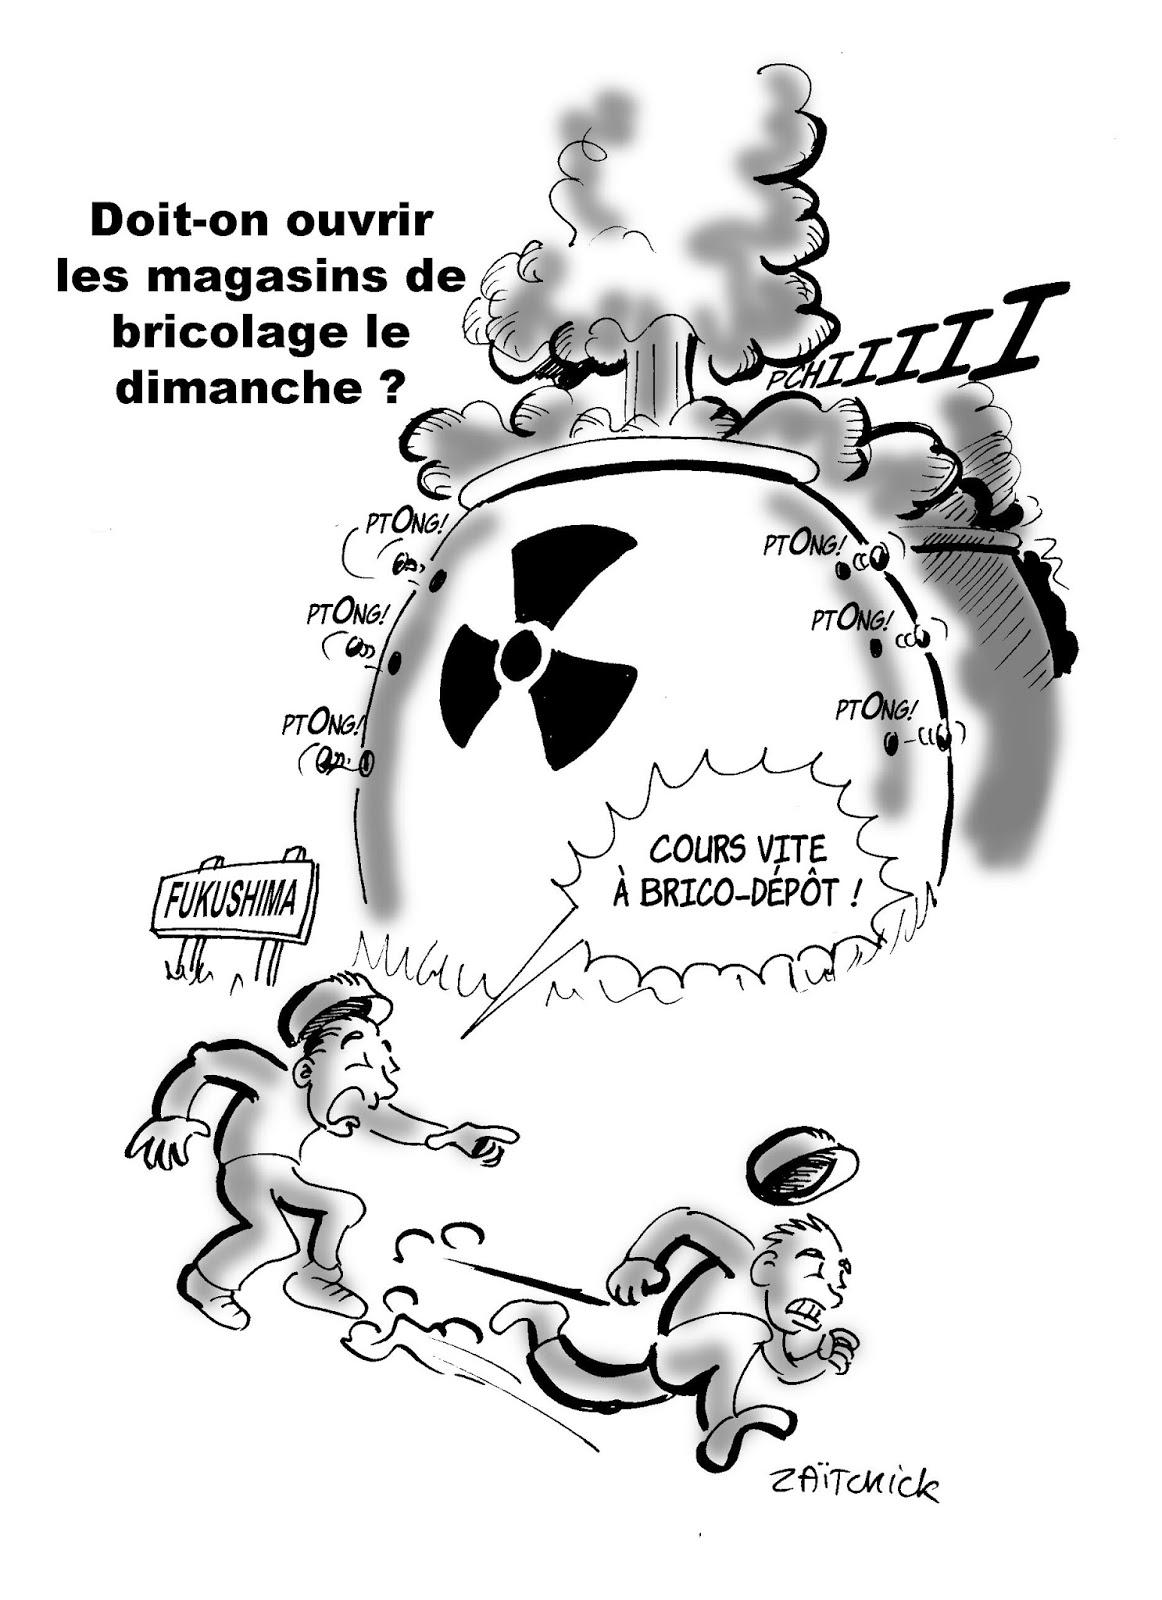 dessin humoristique de la catastrophe de Fukushima qui peut être évitée par l'ouverture des magasins de bricolage le dimanche